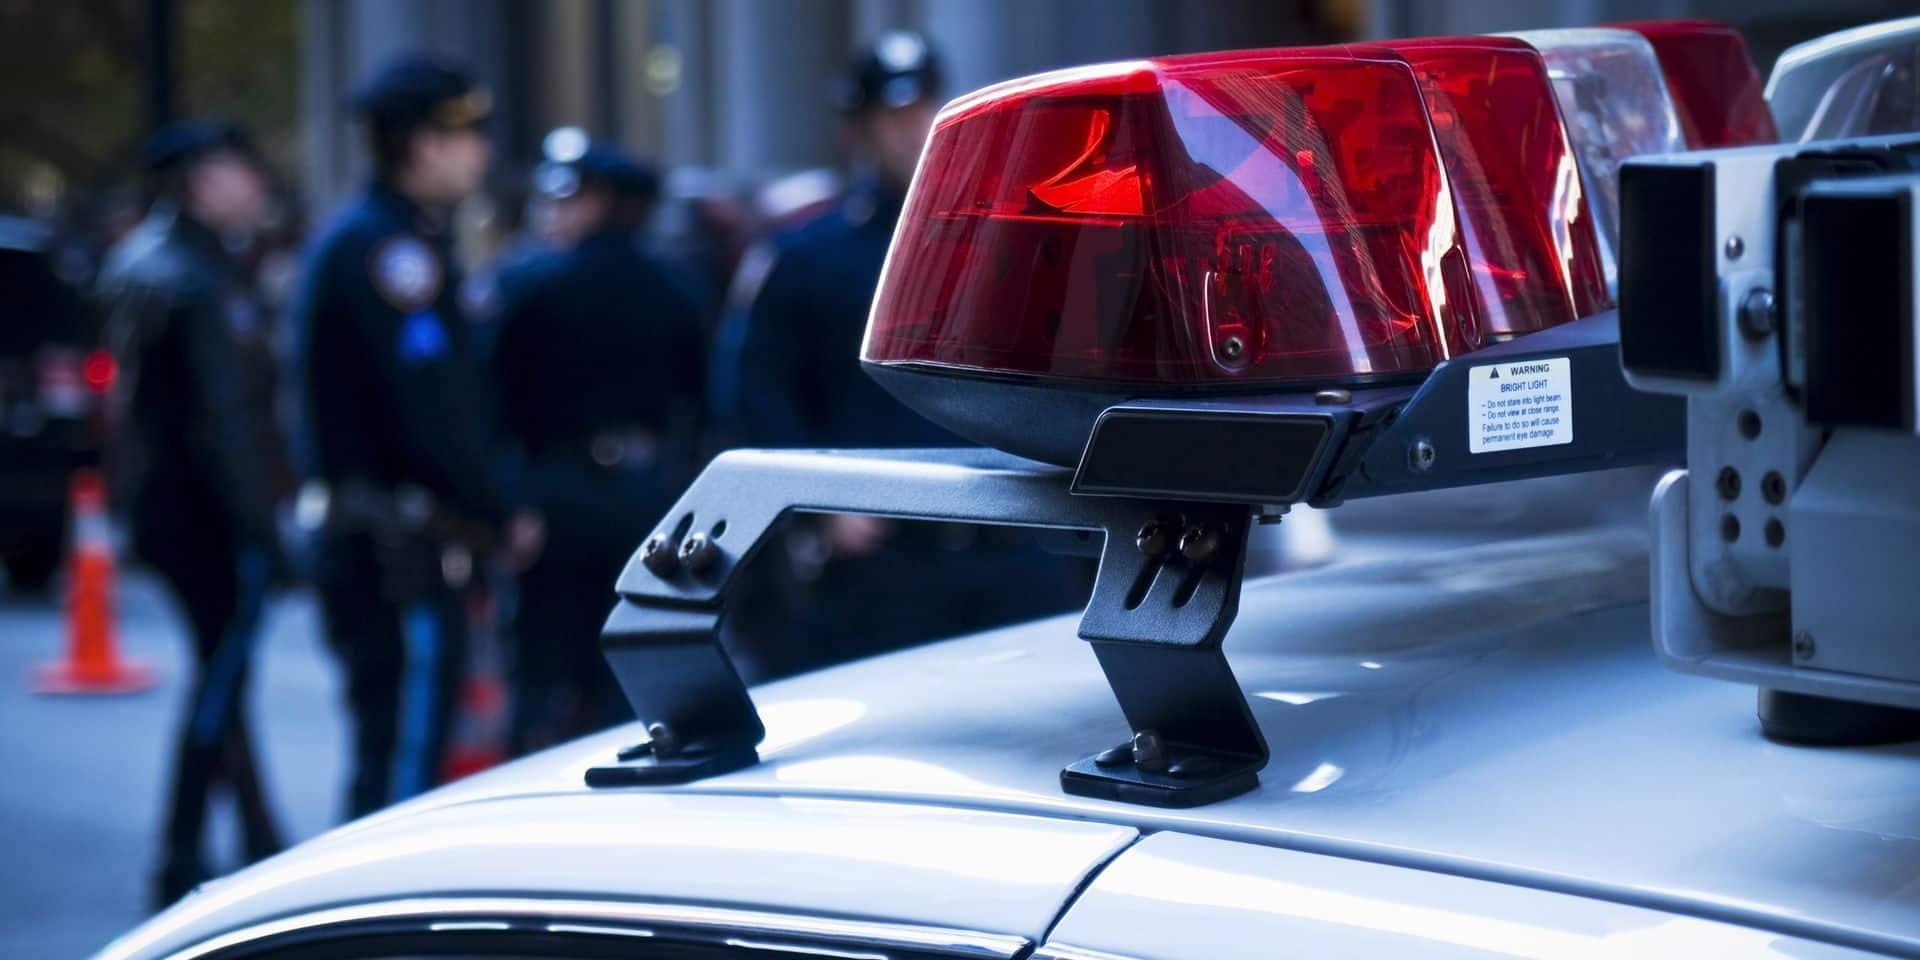 Dix morts dont un policier après une fusillade dans un supermarché du Colorado